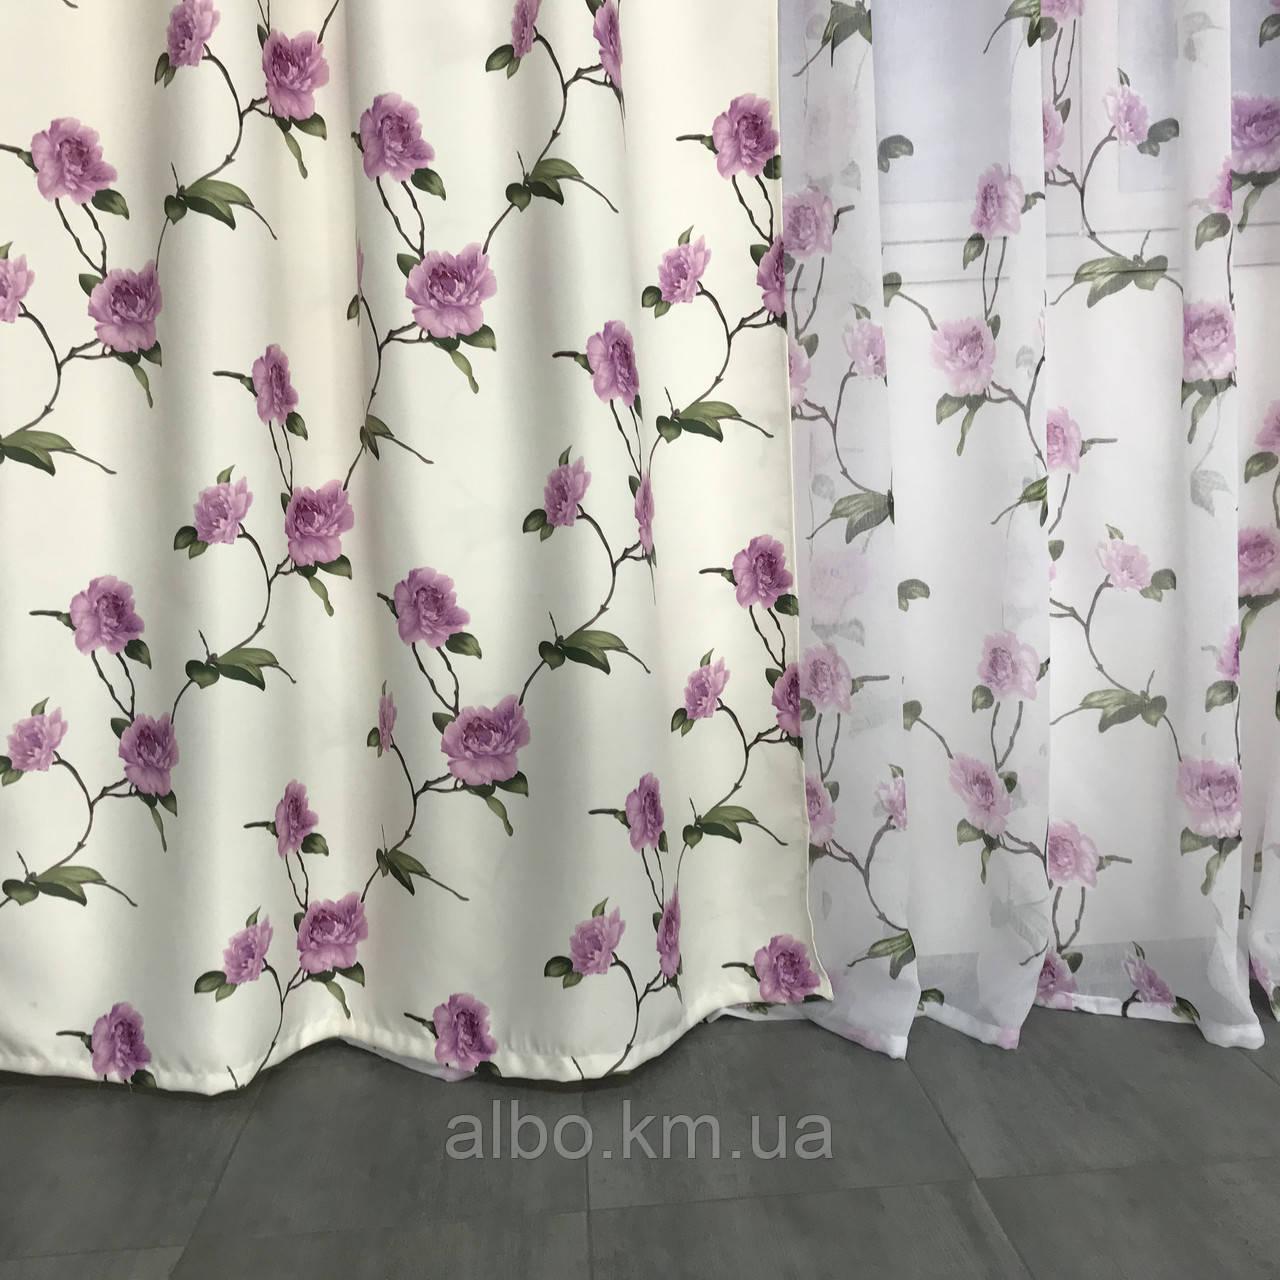 Готовые атласные шторы 150x270 cm (2 шт) с тюлью 400x270 cm ALBO Фиолетовые (SHT-614-7)